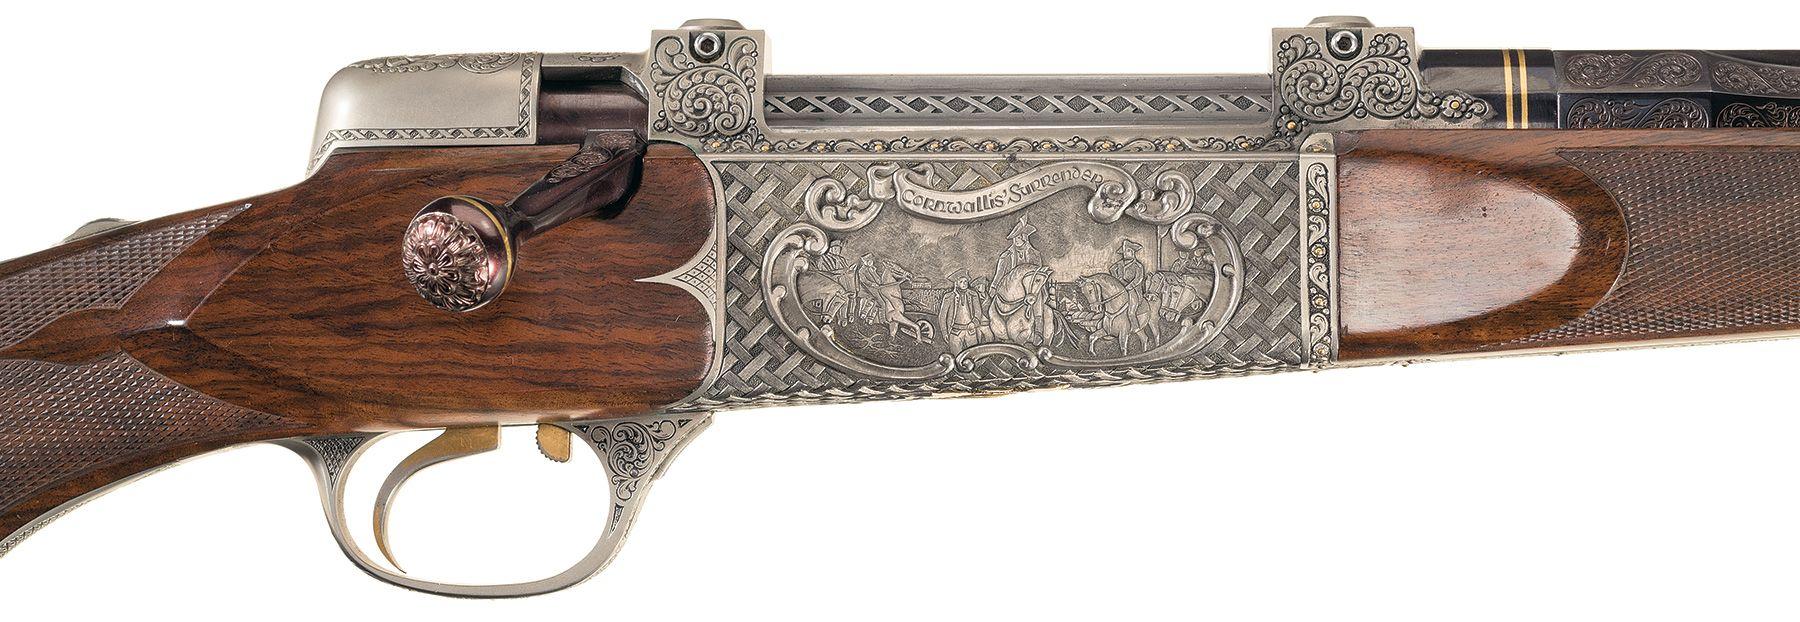 Haskins Bicentennial rifle Surrender of General Cornwallis